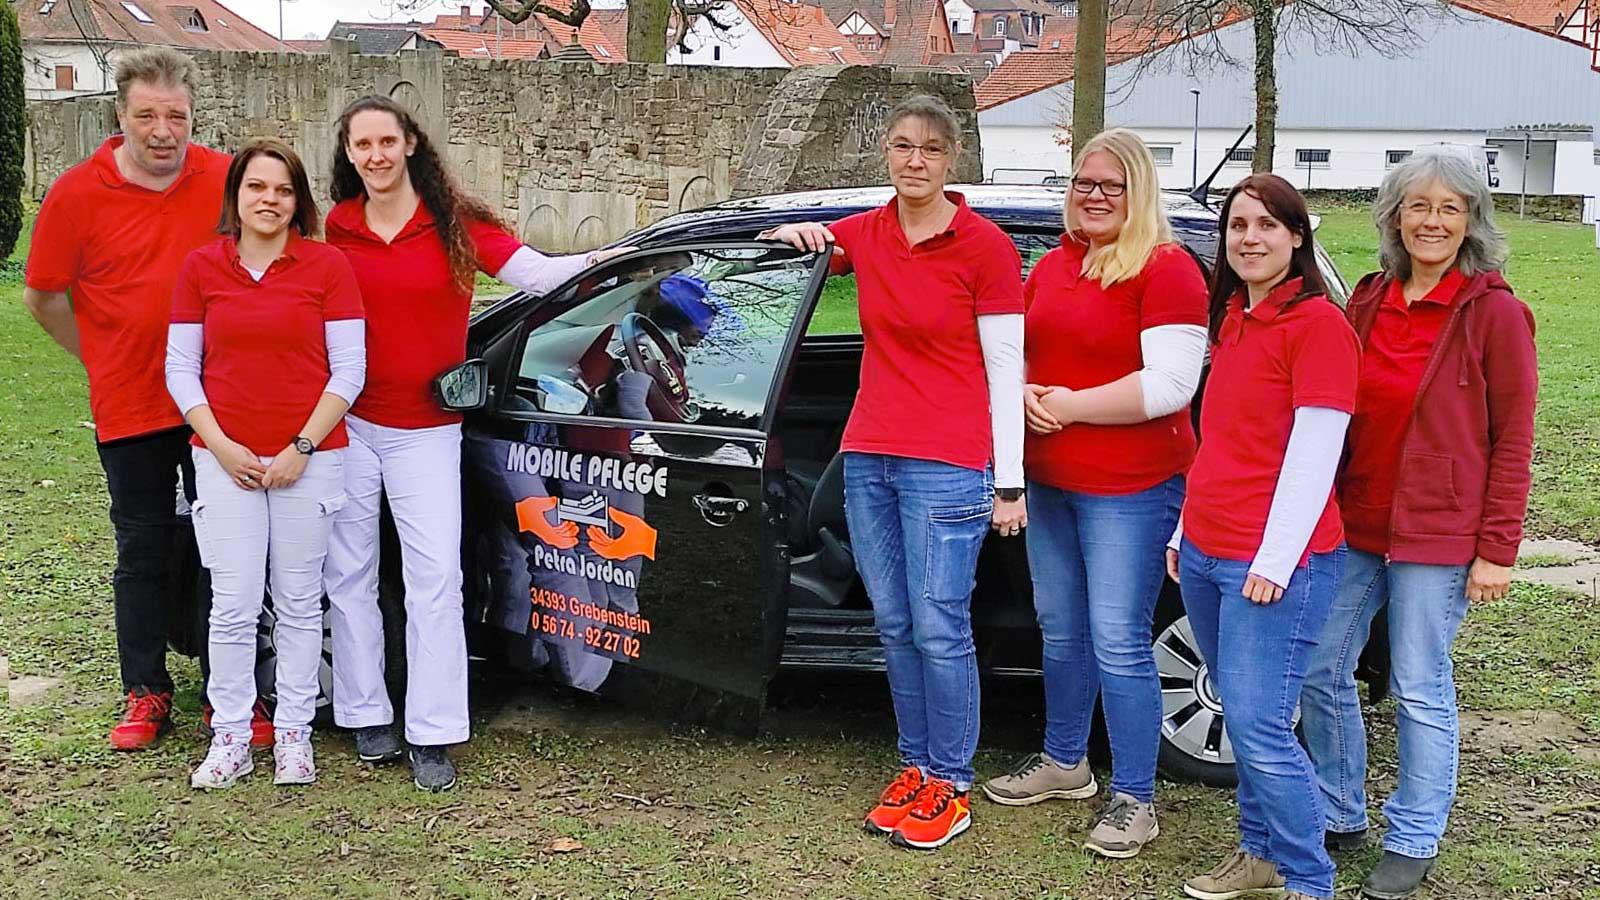 Mobiler Pflegedienst in Grebenstein